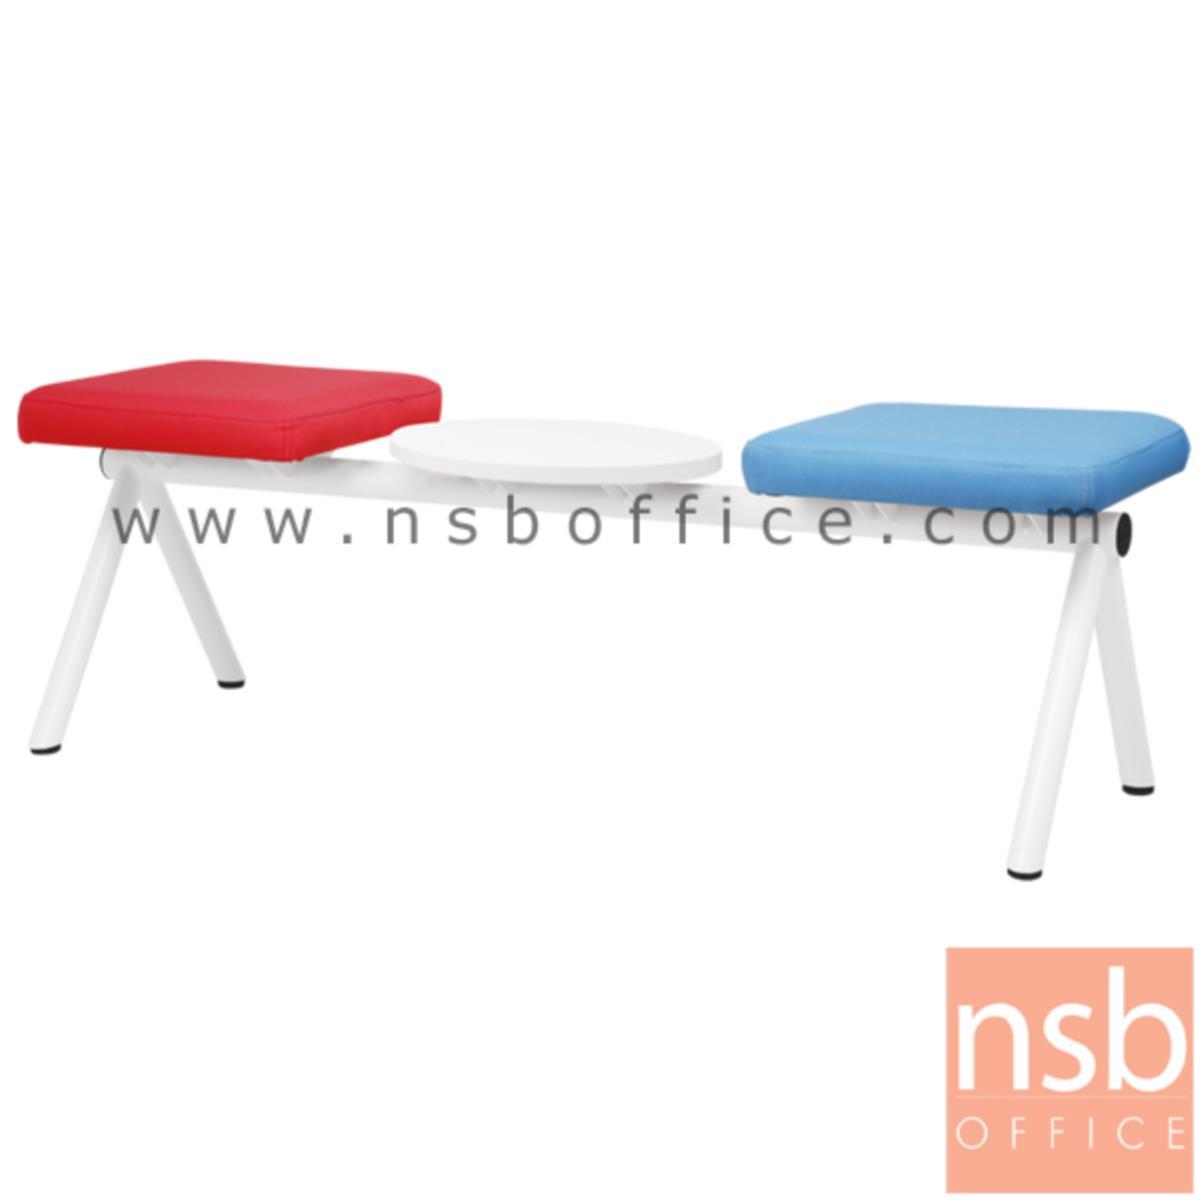 B06A130:เก้าอี้นั่งคอยหุ้มหนังเทียม 2 ที่นั่ง รุ่น CL-TH ขนาด 140W cm. พร้อมที่วางของ ไม่มีพนักพิง ขาเหล็ก